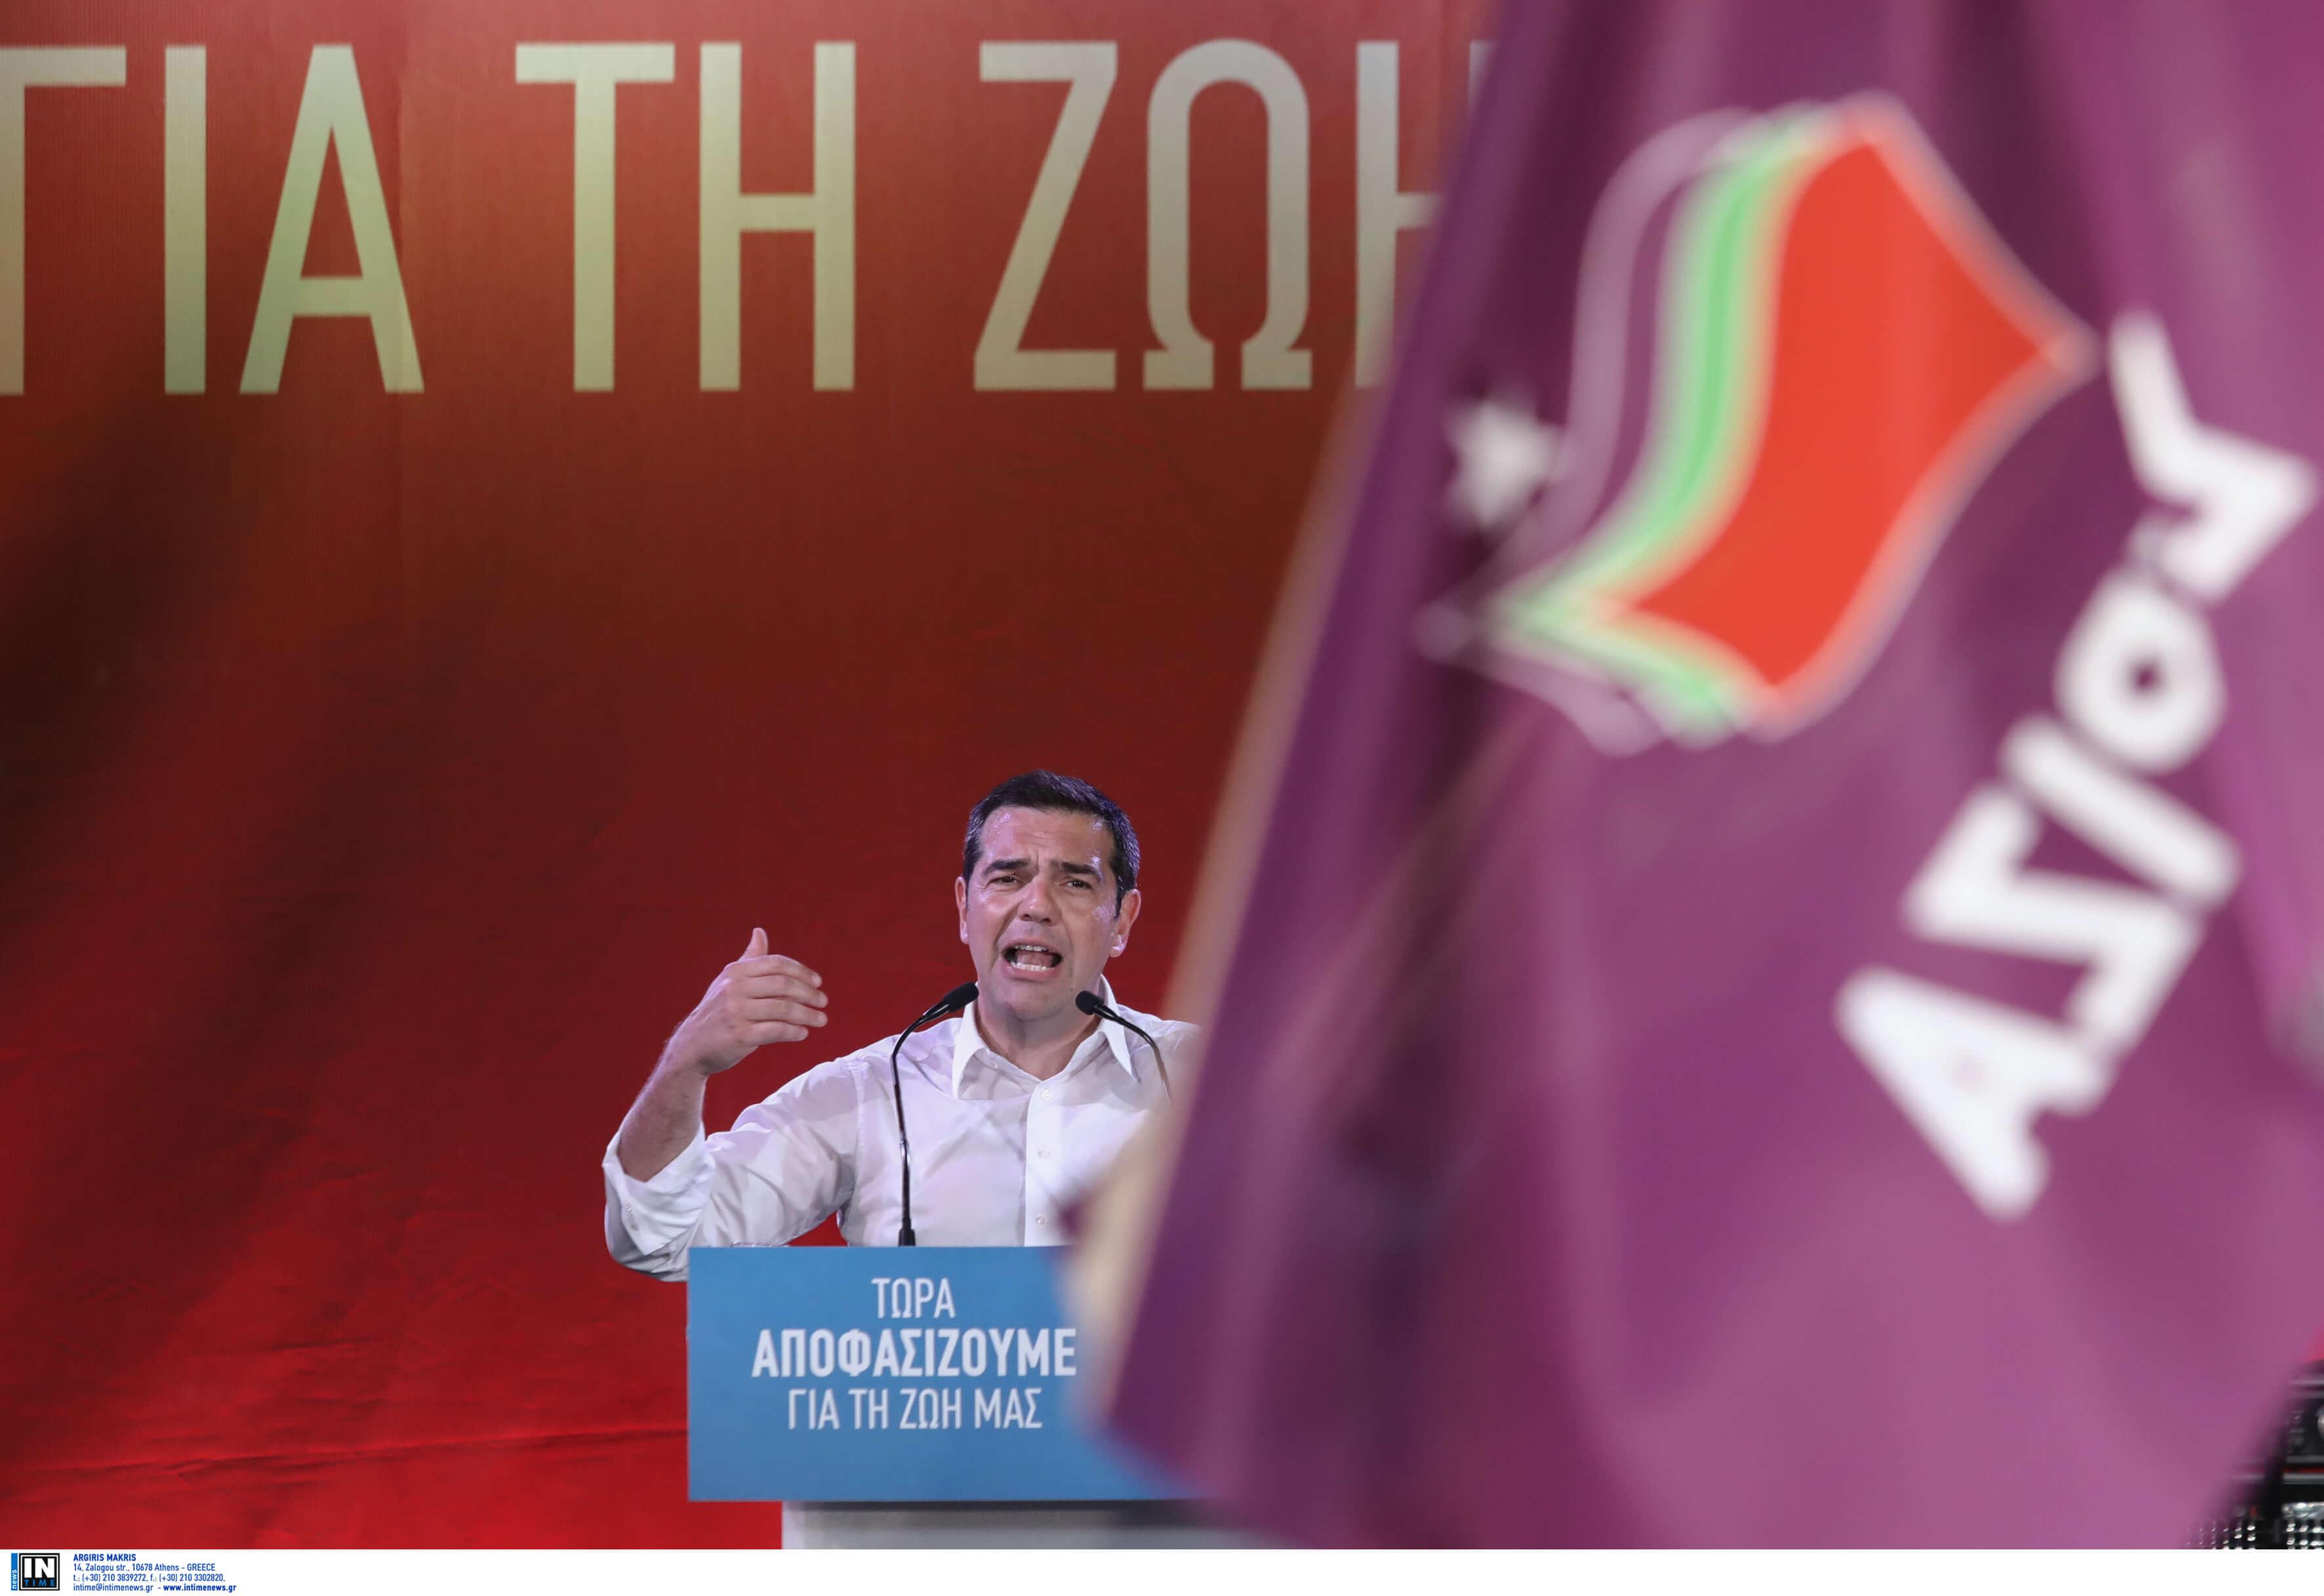 Η… Κοκκινοσκουφίτσα, το debate και η Παπακώστα – Ποιος θα είναι ο 4ος στο Επικρατείας του ΣΥΡΙΖΑ